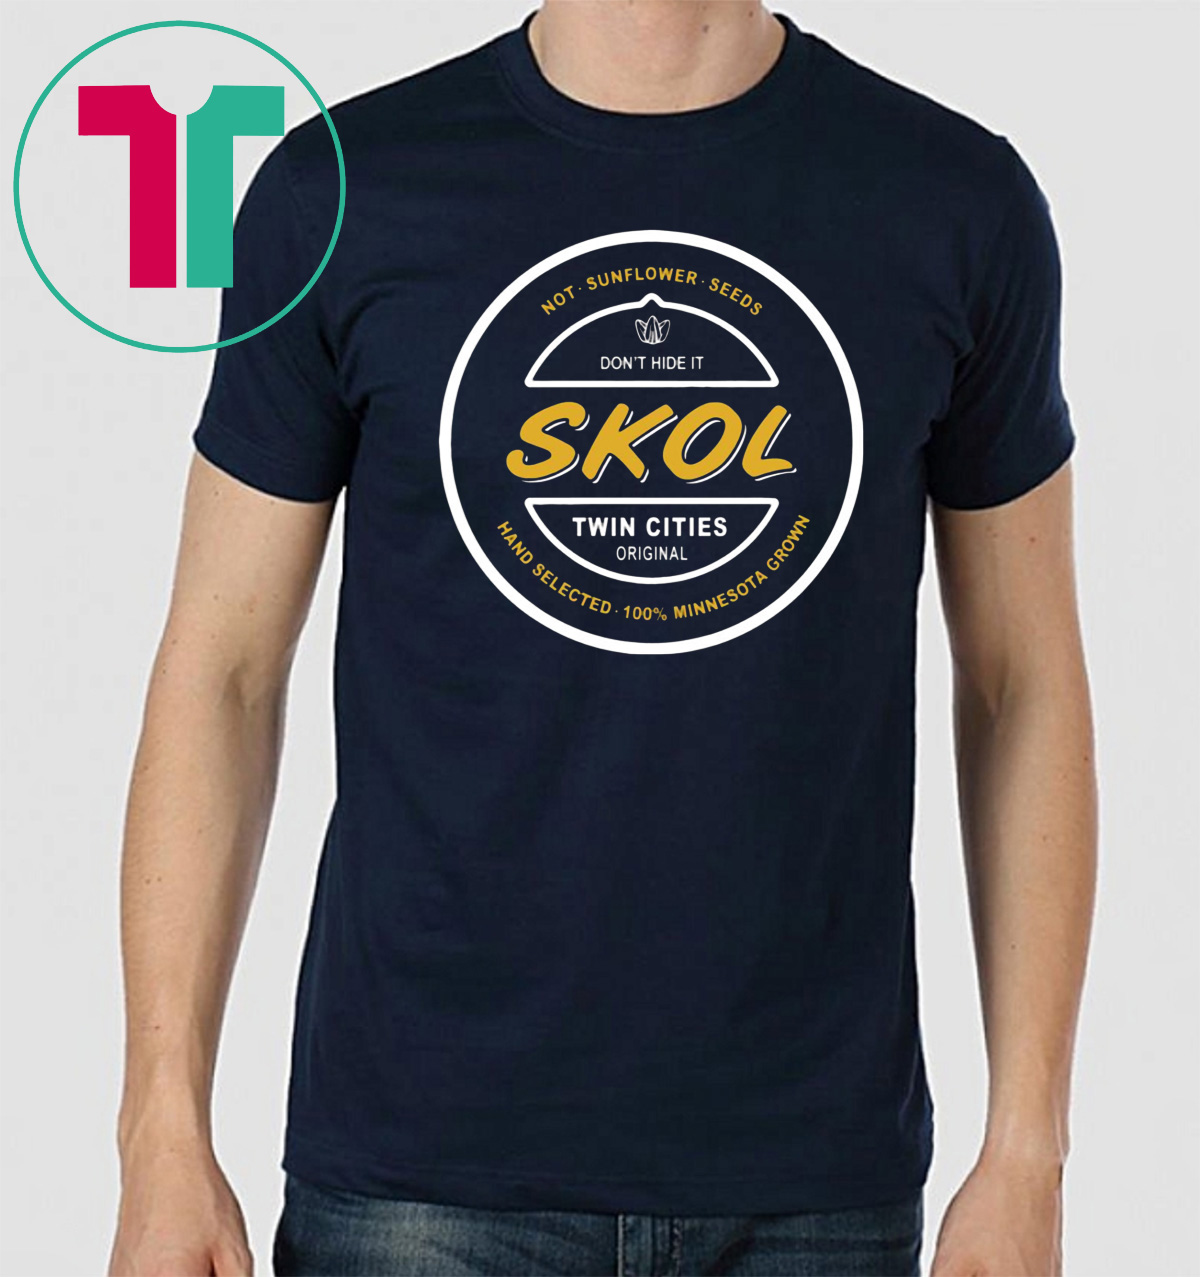 ed7ed315 Skol Seeds Minnesota Vikings Football T-Shirt